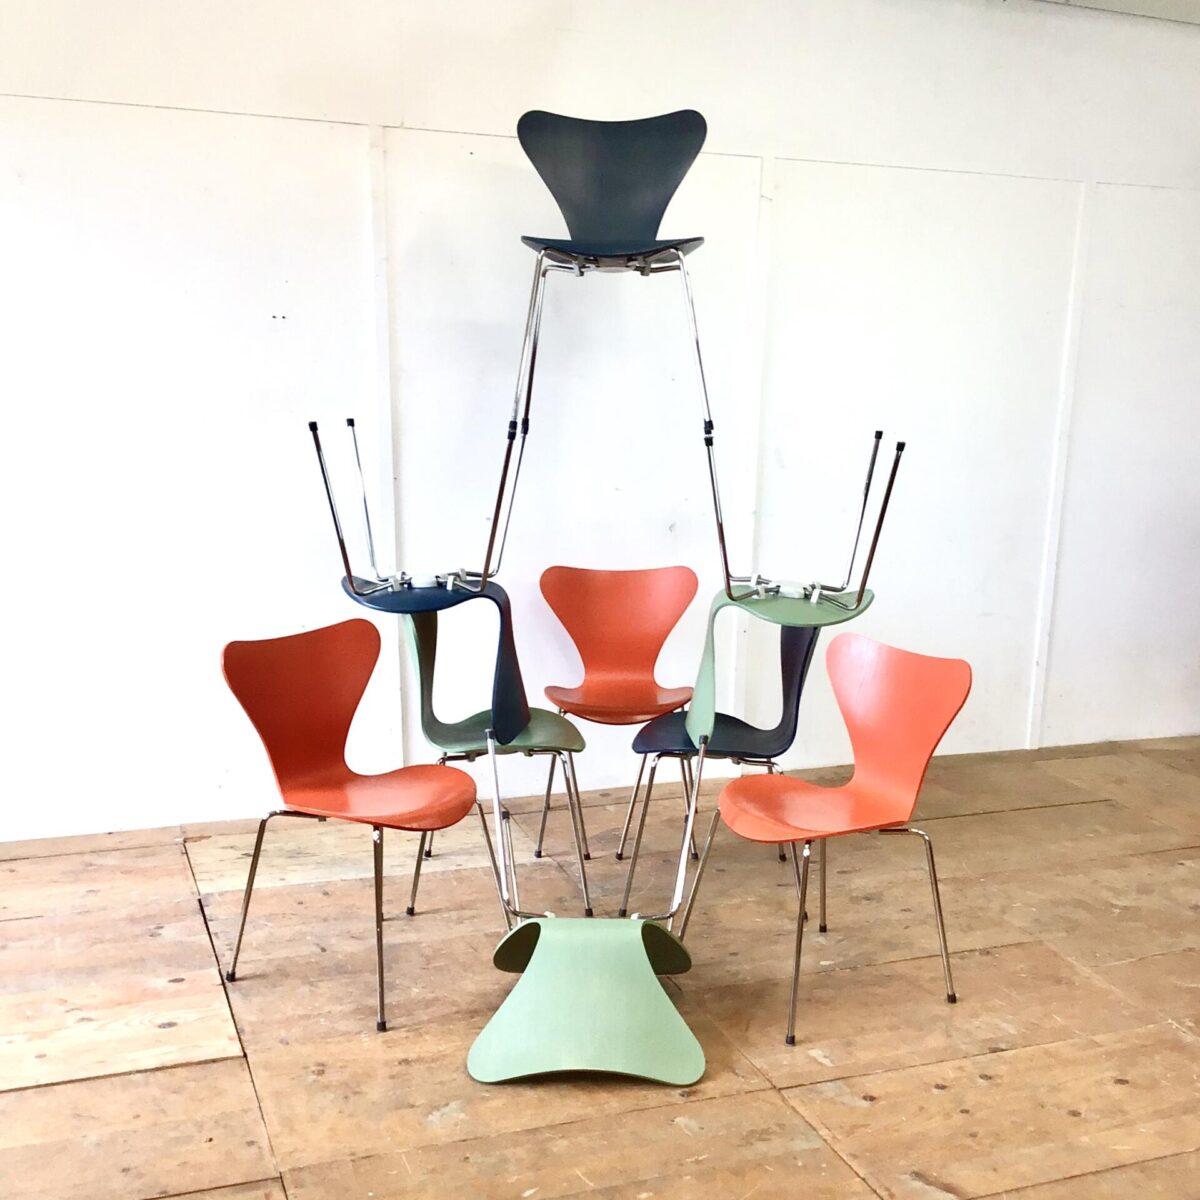 Deuxieme.shop 9 Arne Jacobsen Stühle von Fritz Hansen. Preis pro Stuhl. Je 3 in der gleichen Farbe. Sitzschalen teilweise leicht abgewetzt. Technisch in einwandfreiem Zustand.